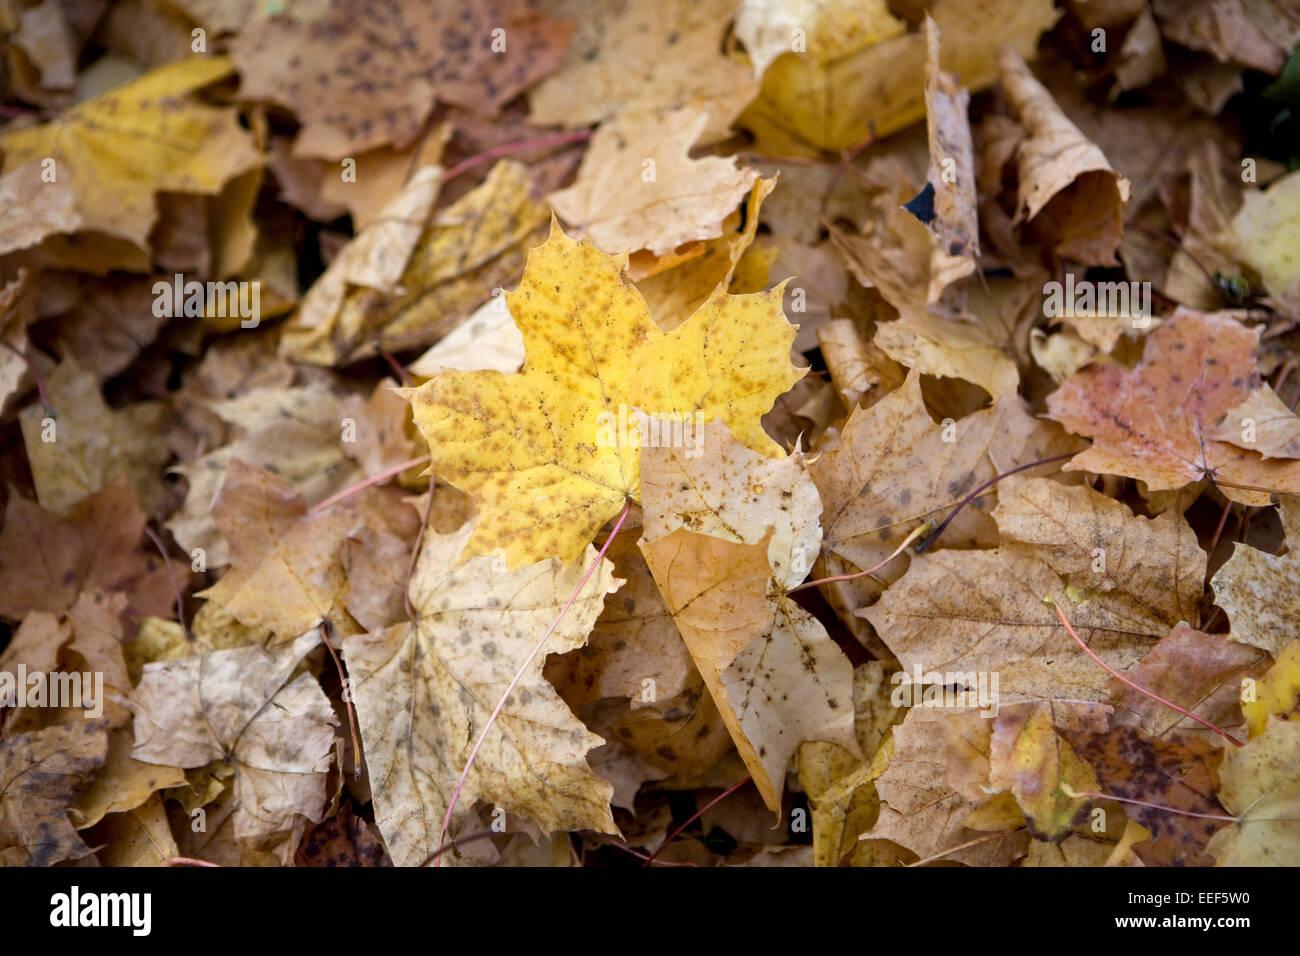 Herbstlaub, Ahornblaetter, bunt, Detail, Blaetter, Ahornlaub, Laub, abgefallen, welk, liegen, durcheinander, Vielfalt, - Stock Image